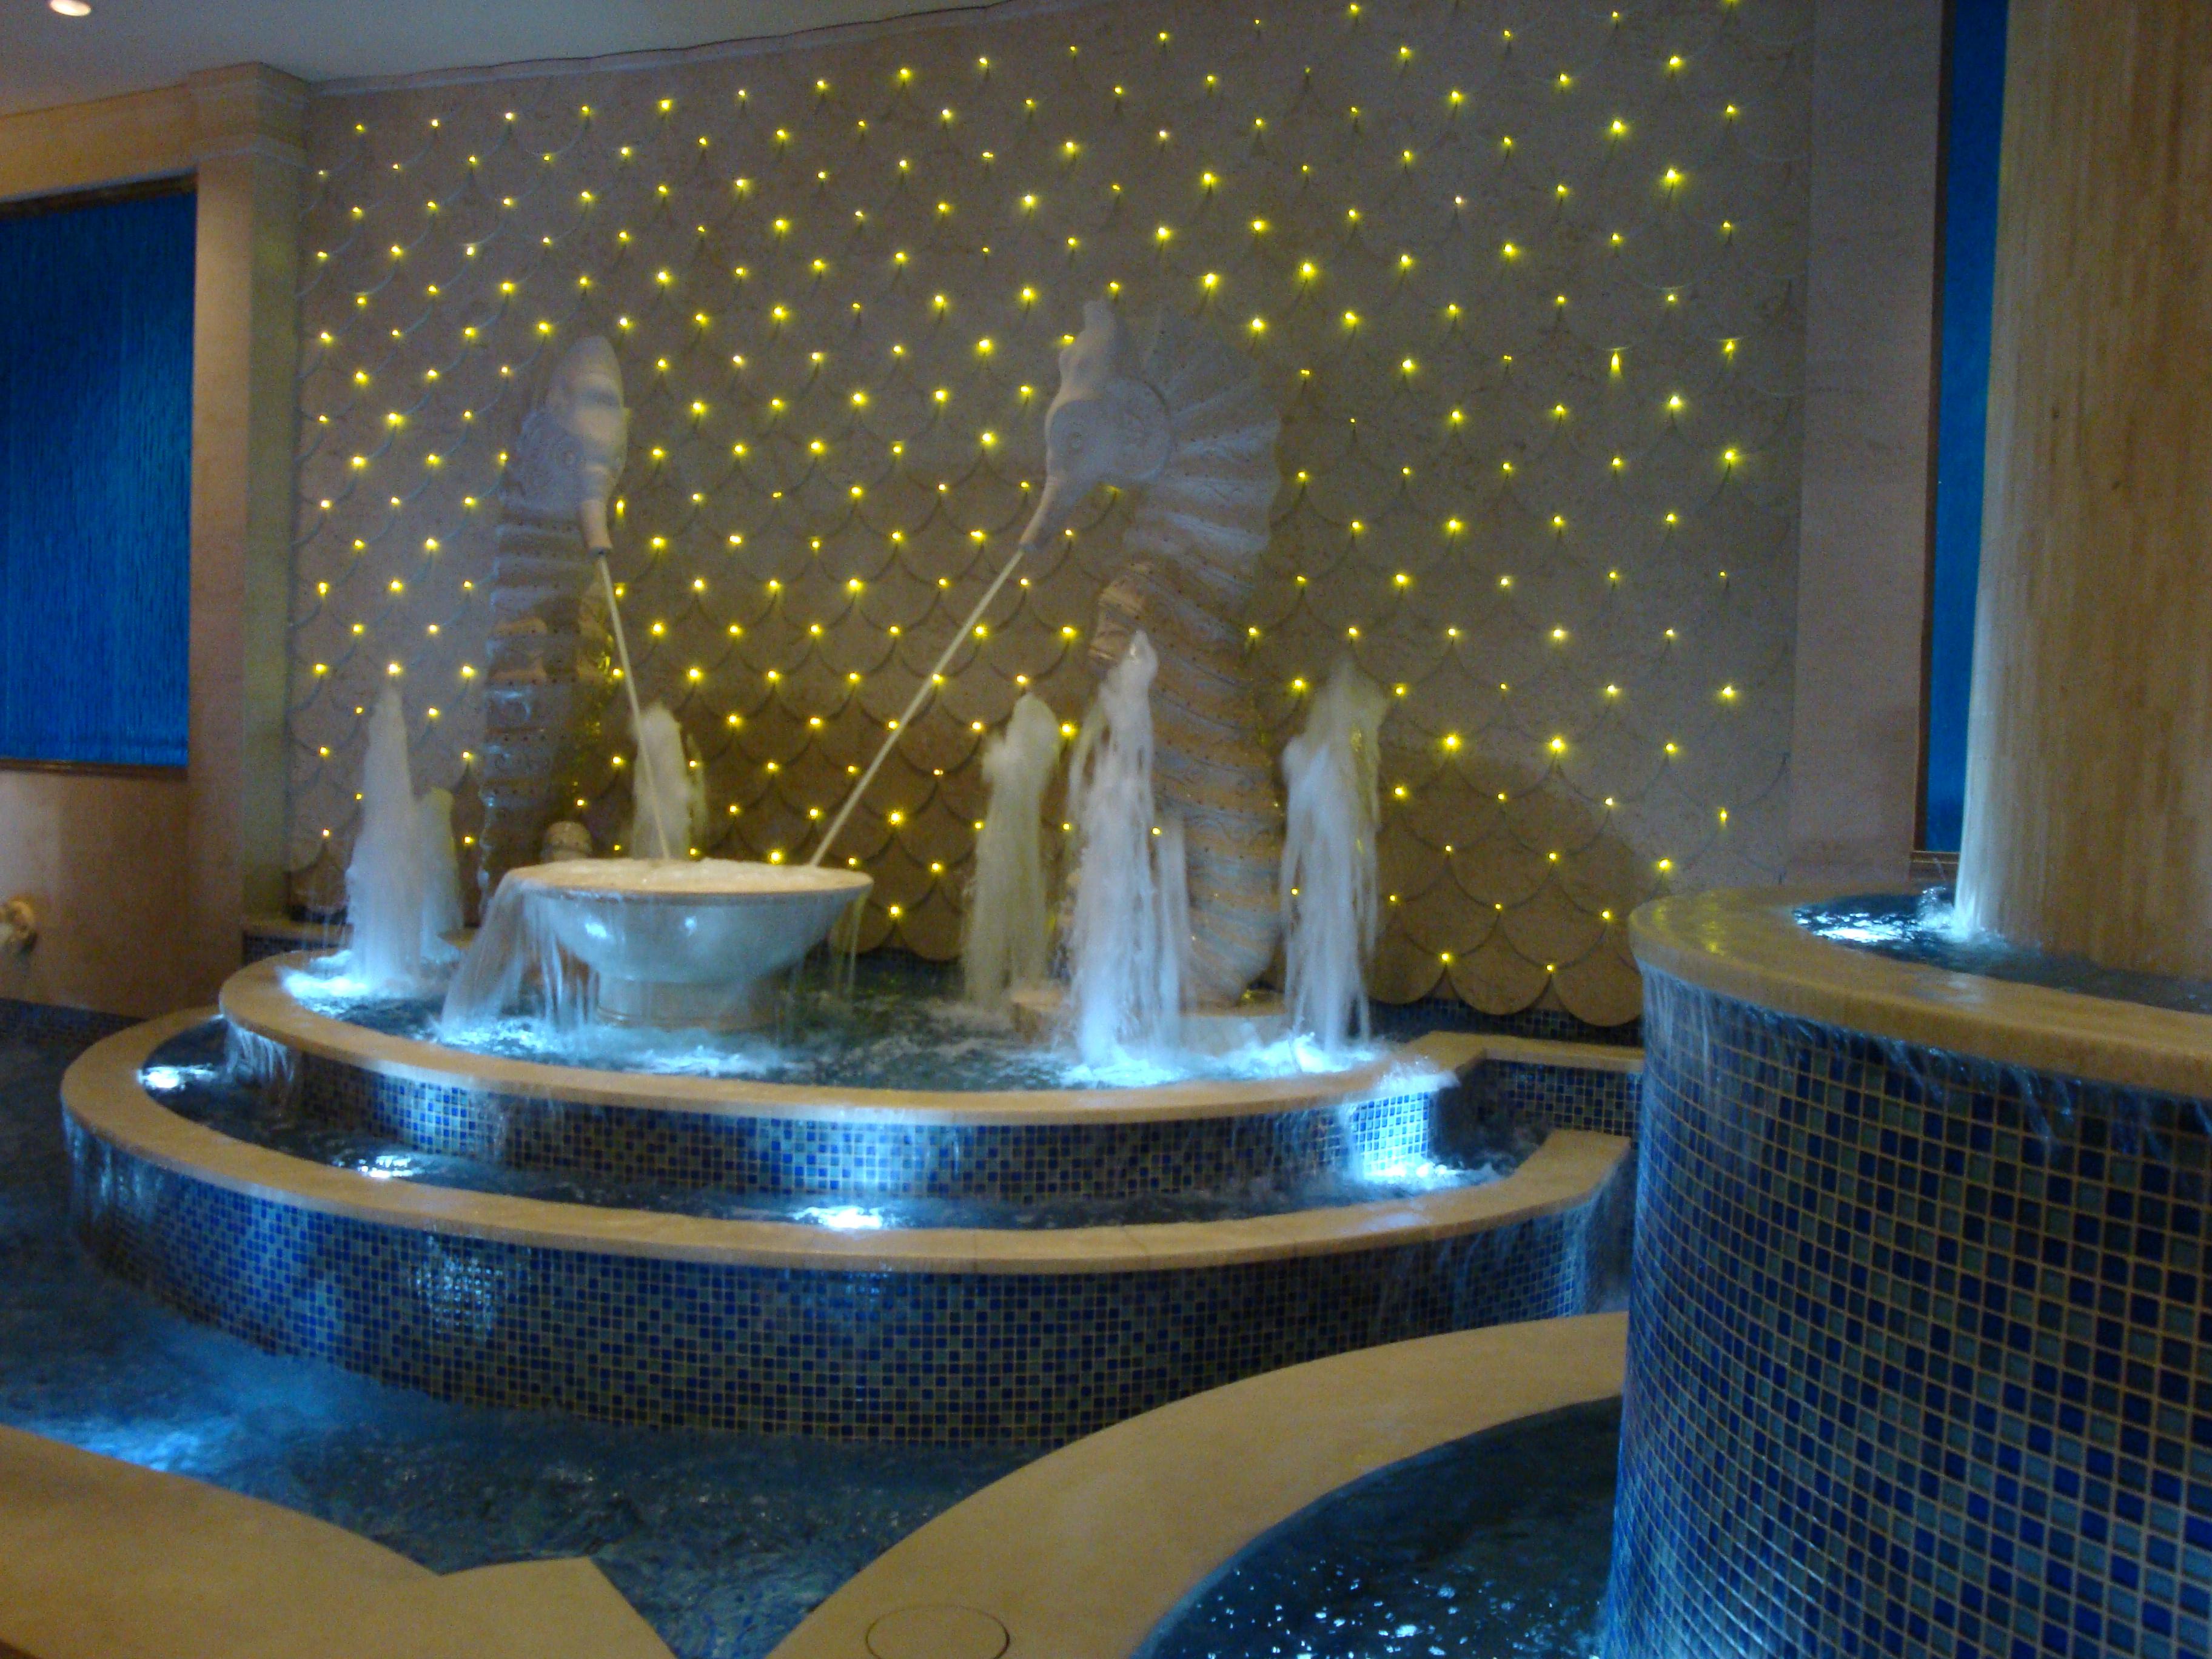 Atlantis casino hotel paris hotel amp casino las vegas